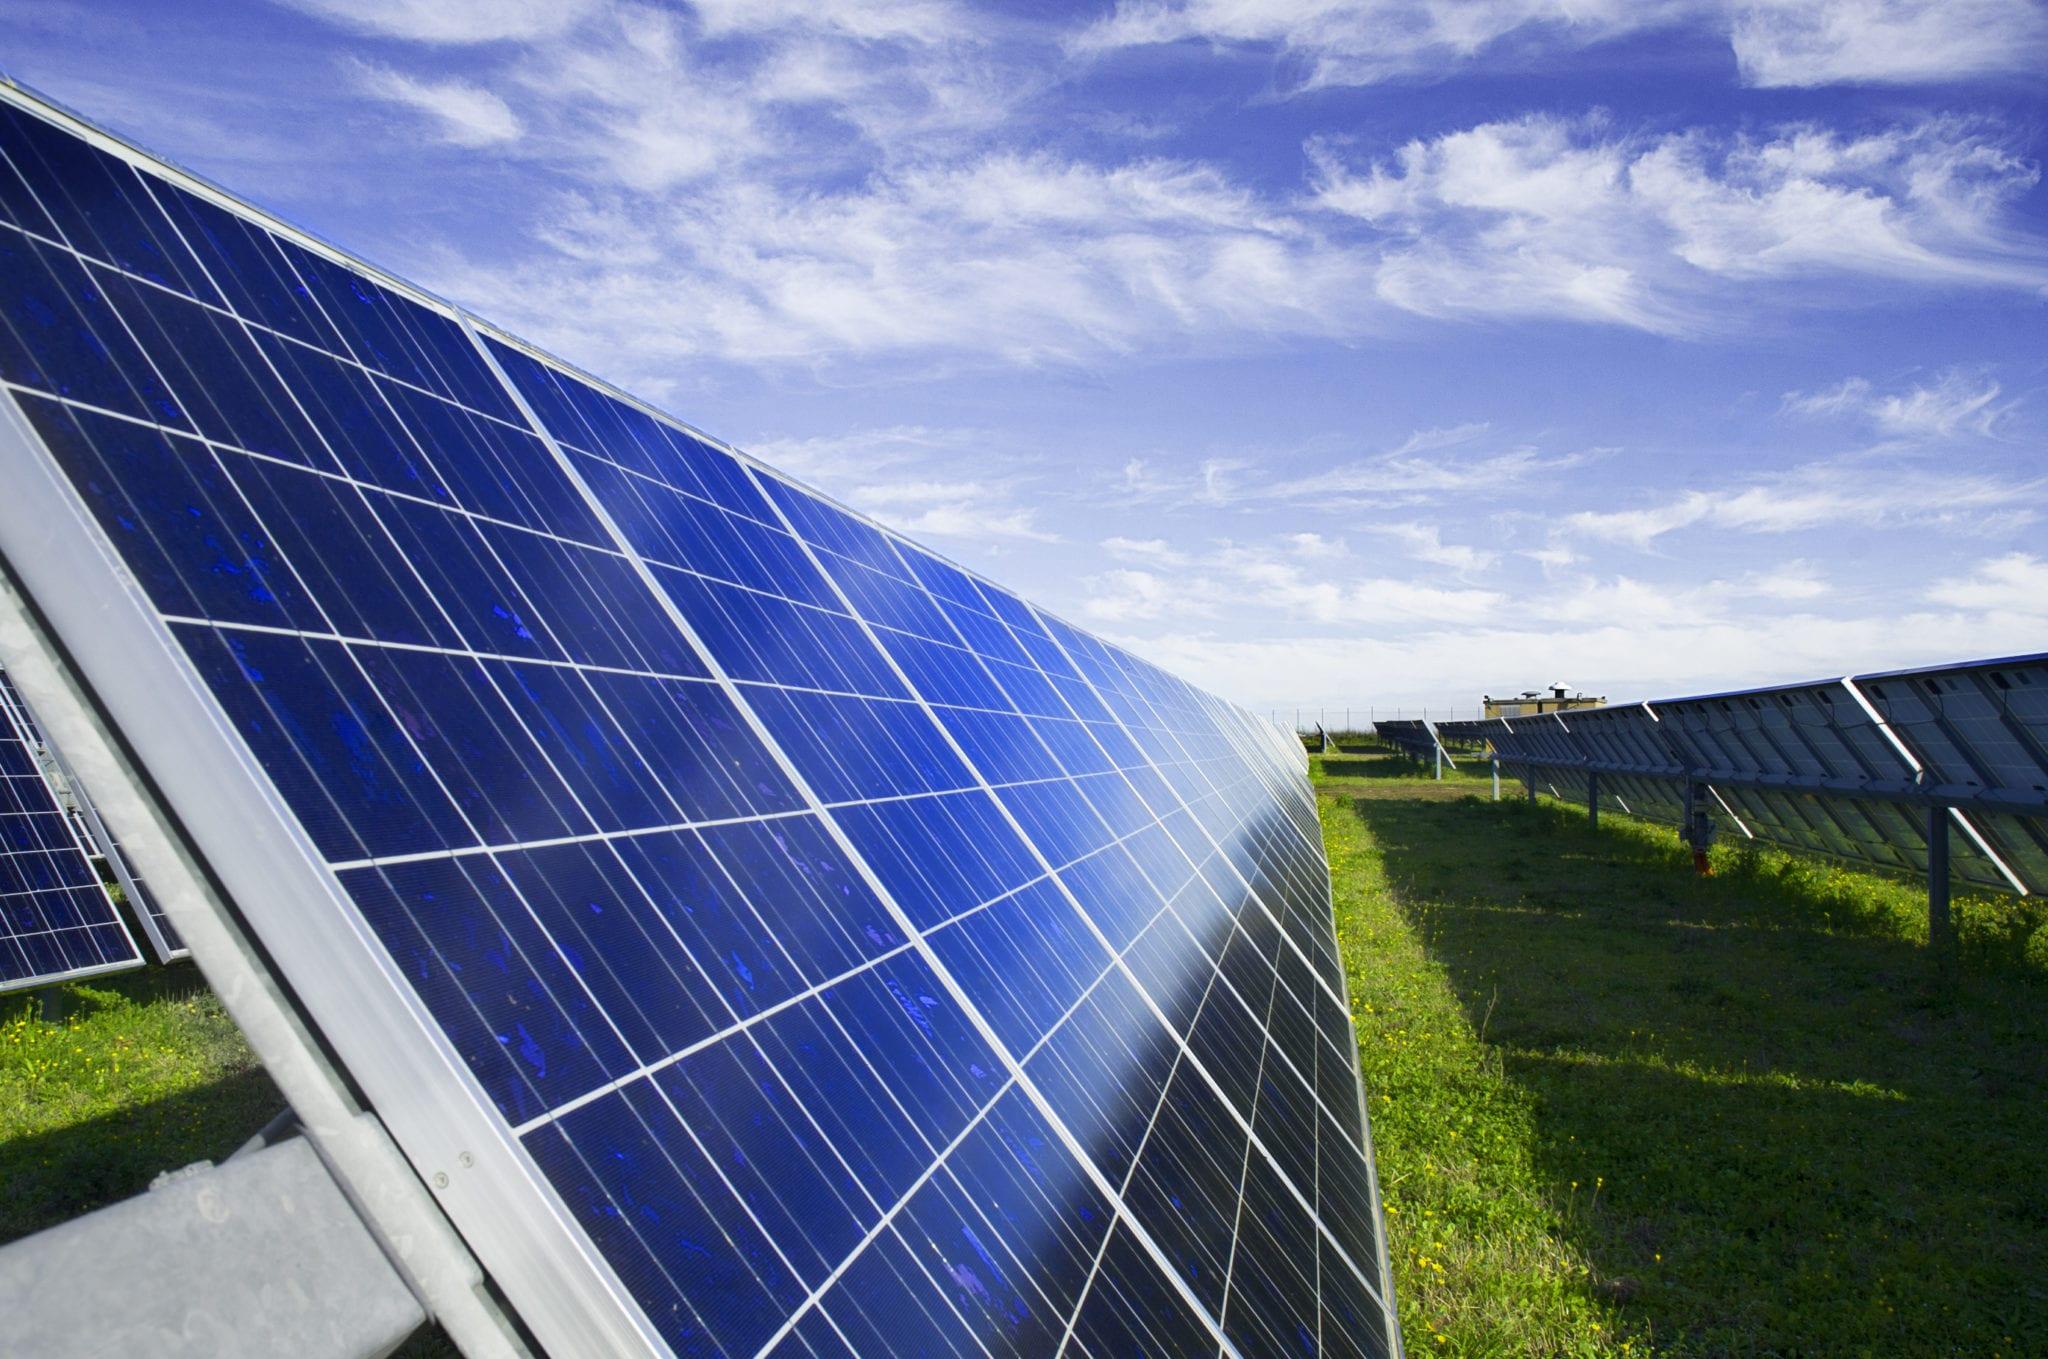 Vendere Energia Elettrica Da Fotovoltaico in gran bretagna avanza il fotovoltaico senza incentivi